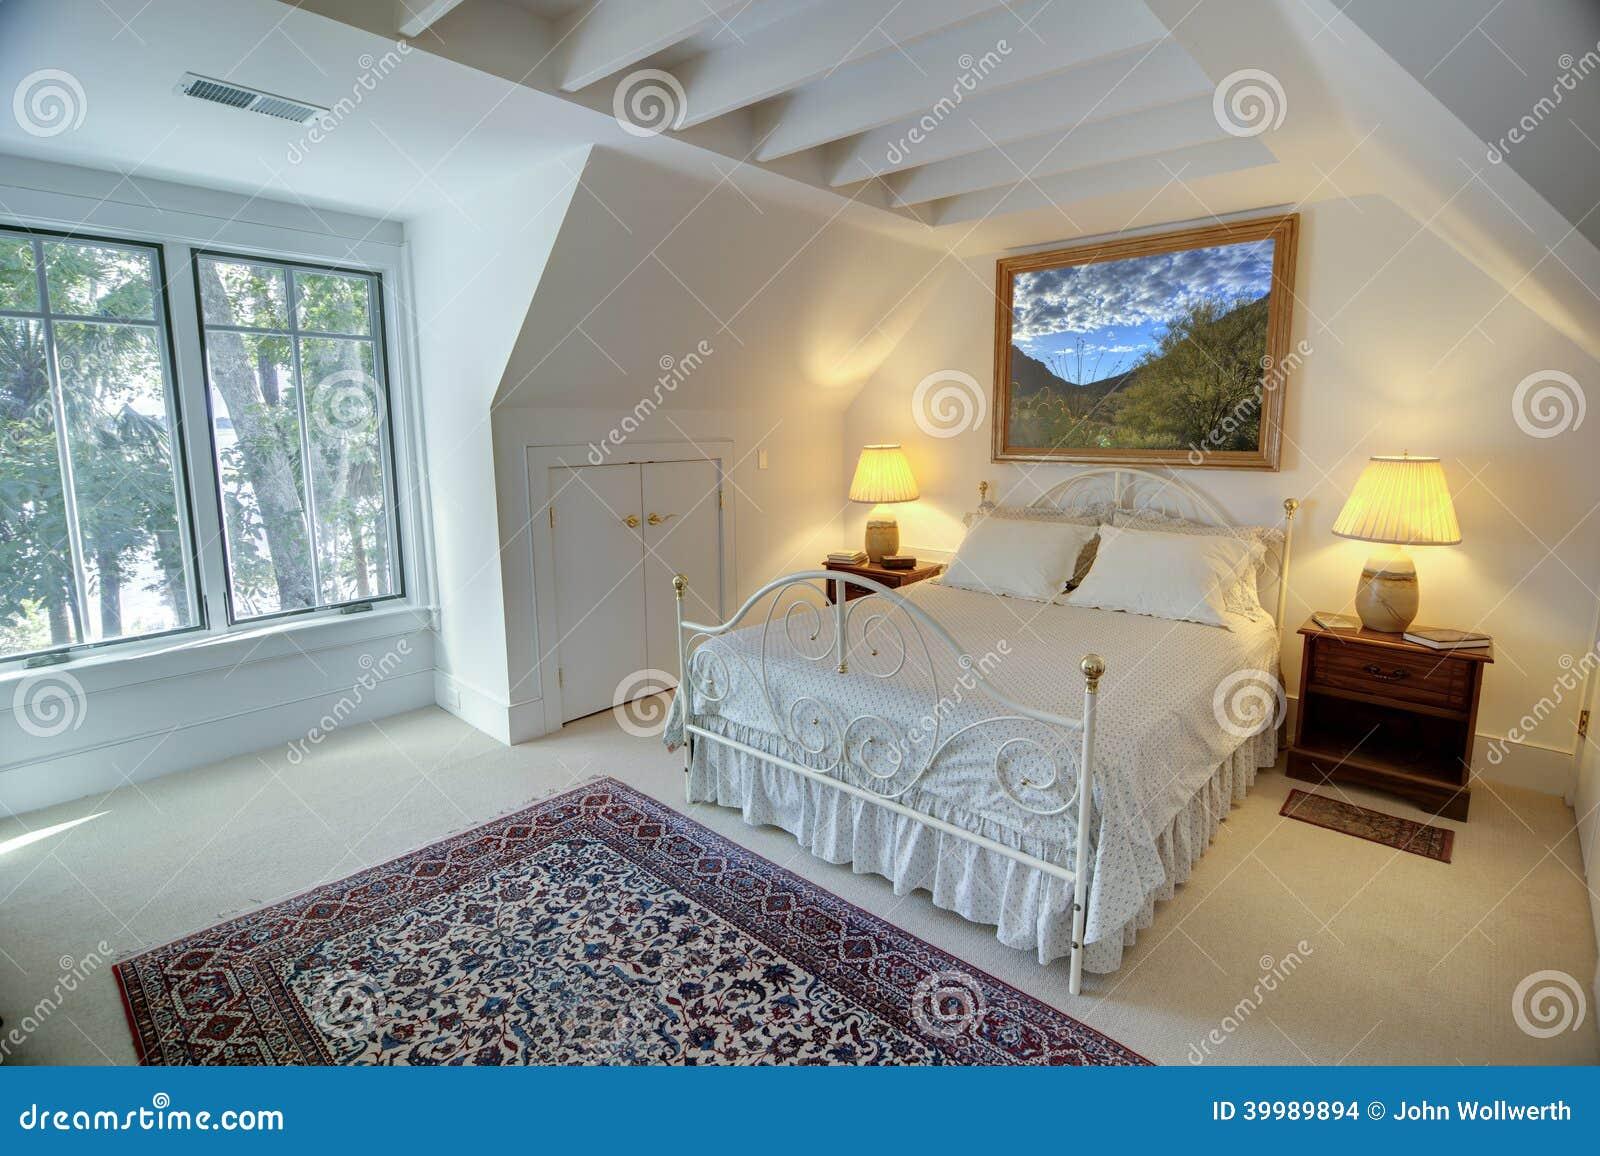 Simple upstairs bedroom